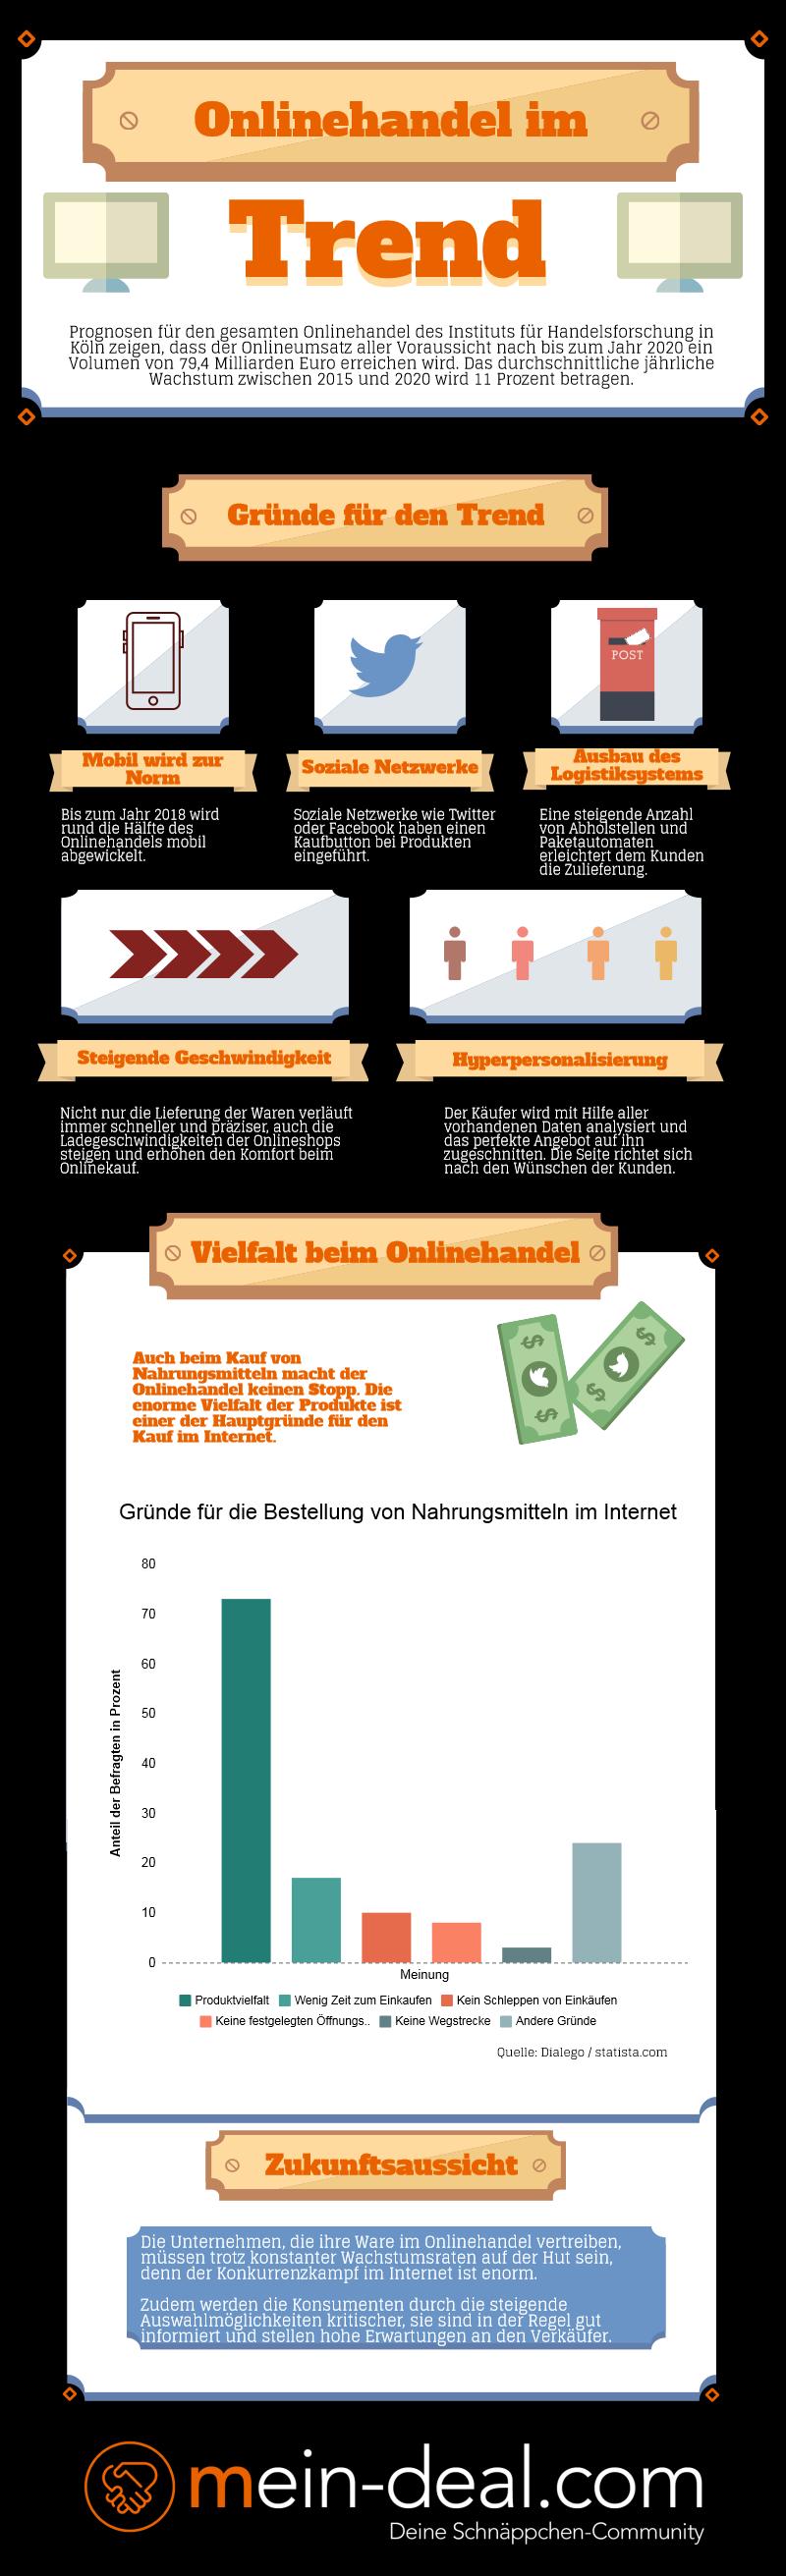 Infografik Onlinehandel Ratgeber Zollgebühren: Was ist bei Online Bestellungen aus dem Ausland zu beachten?